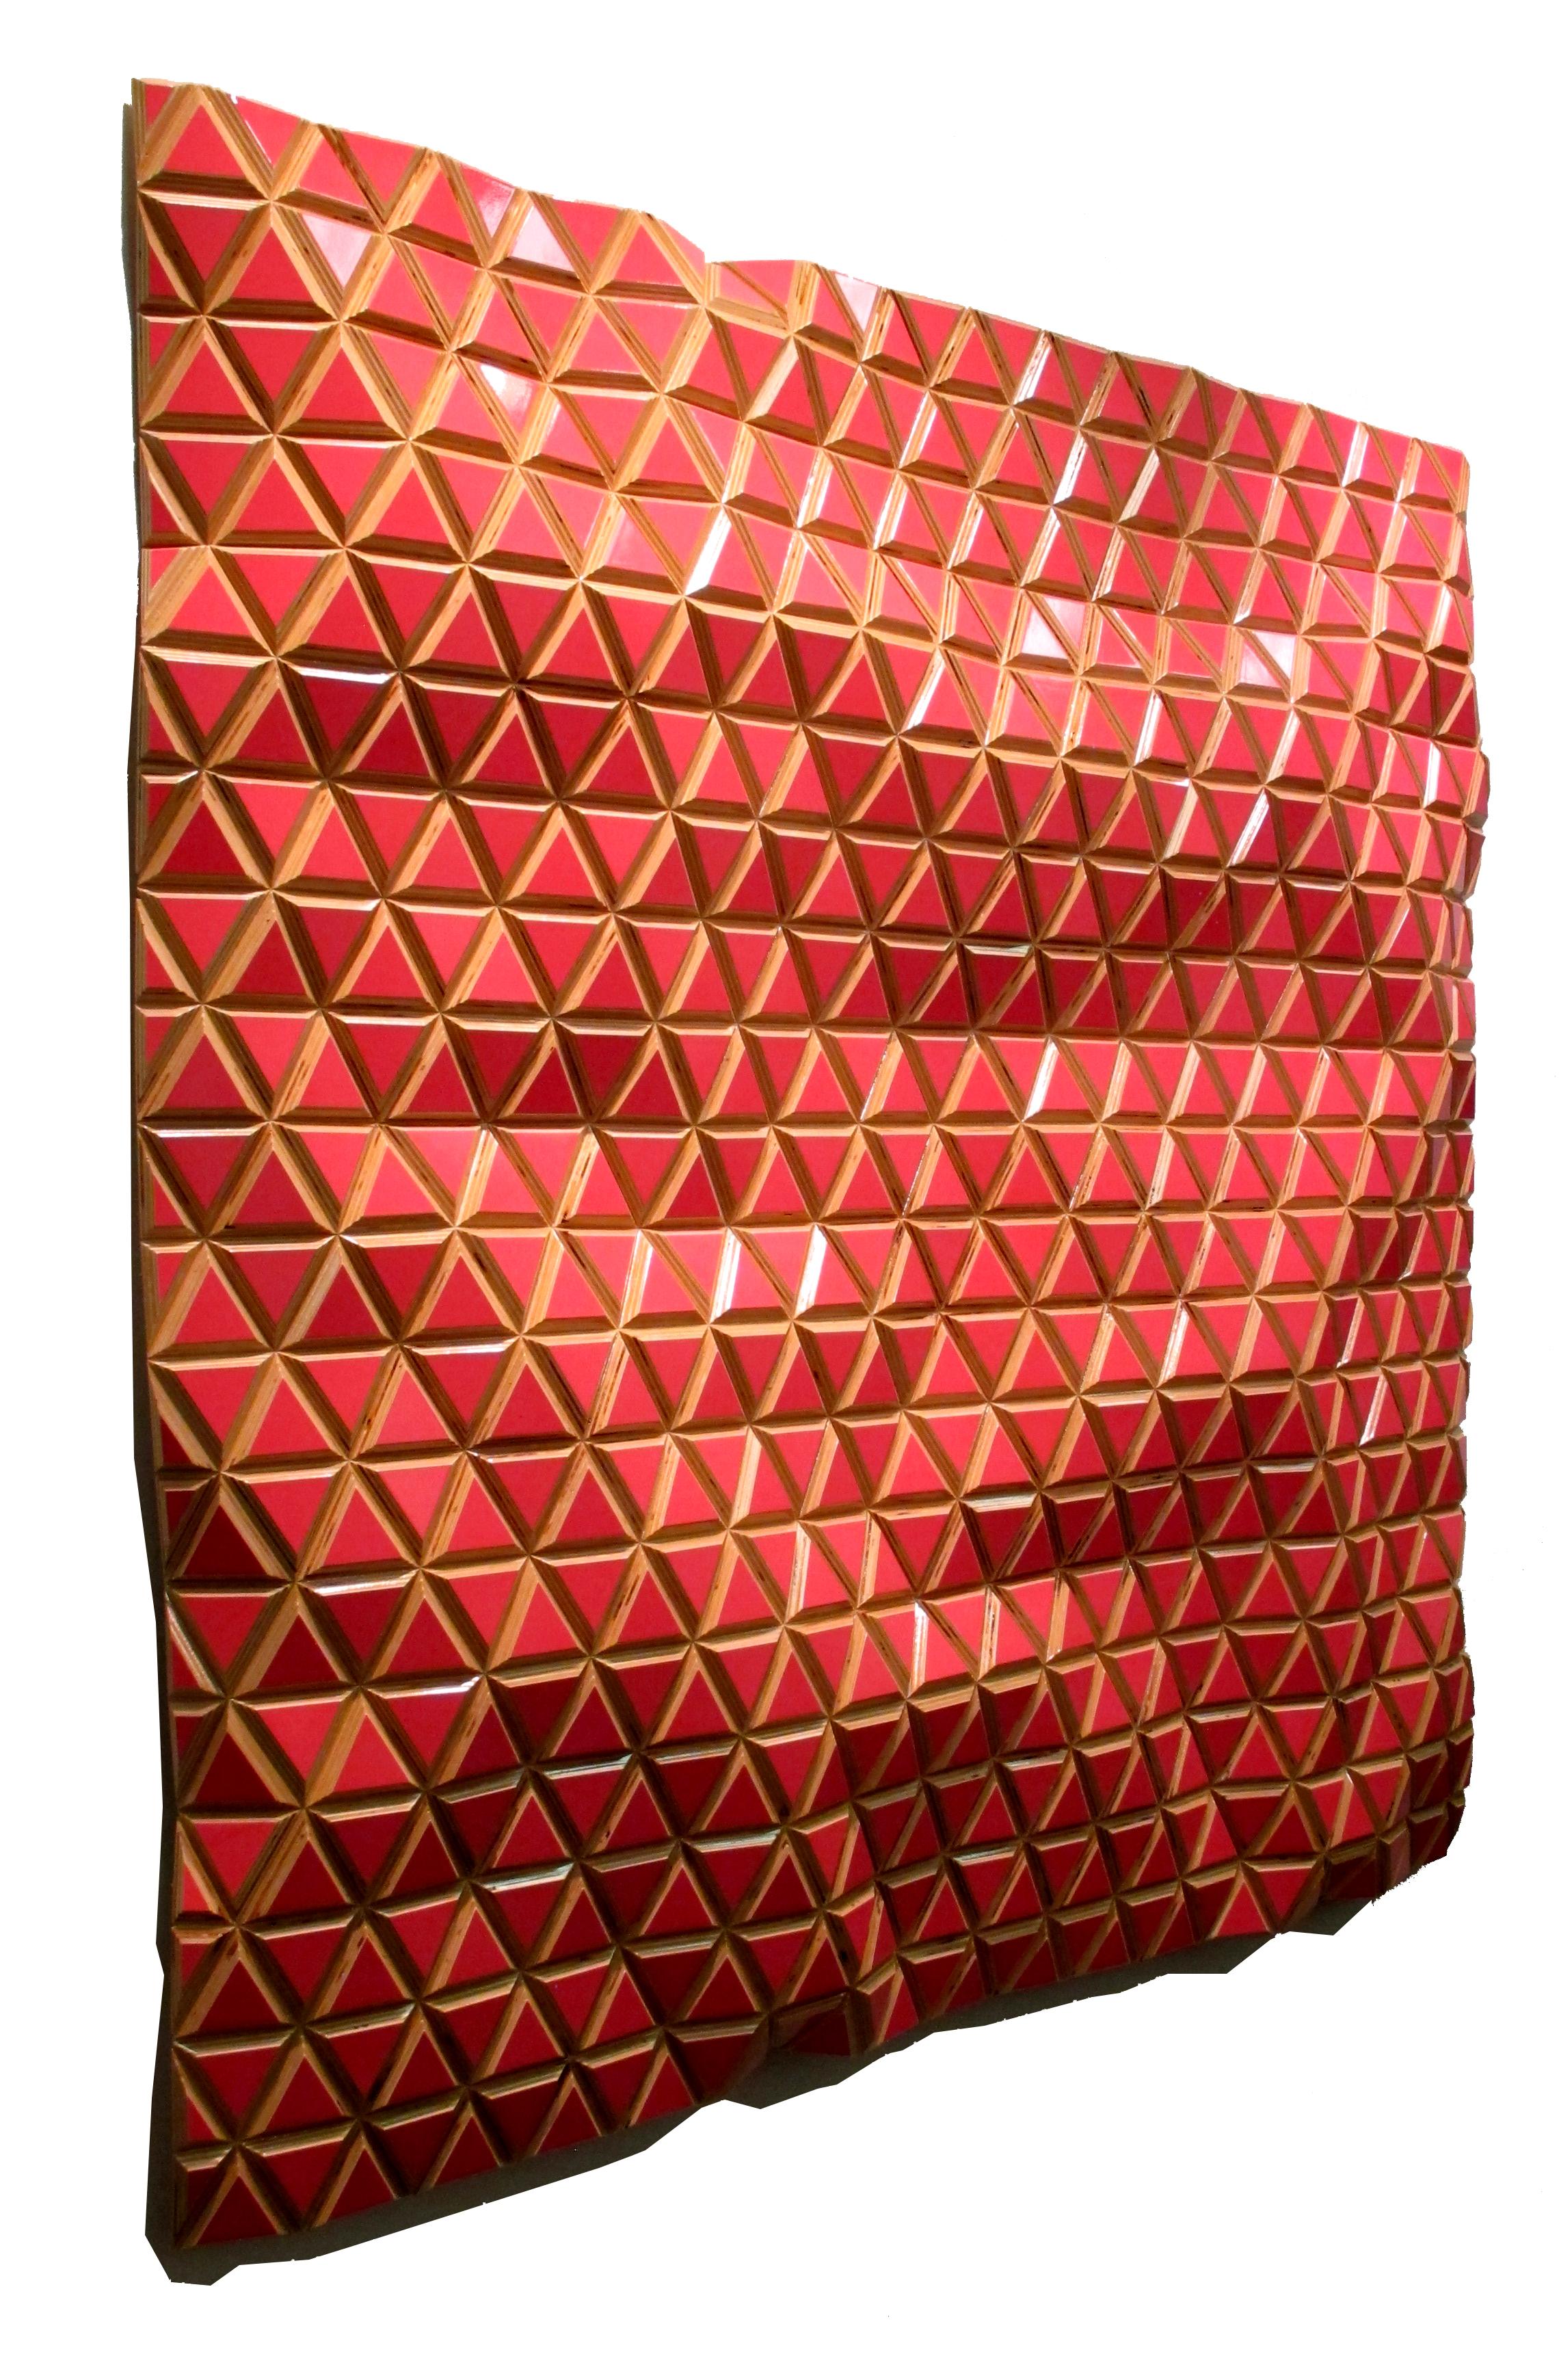 HGU_Flexible Rigids-Desert Rose_57x59in_144x150cm_L1.jpg